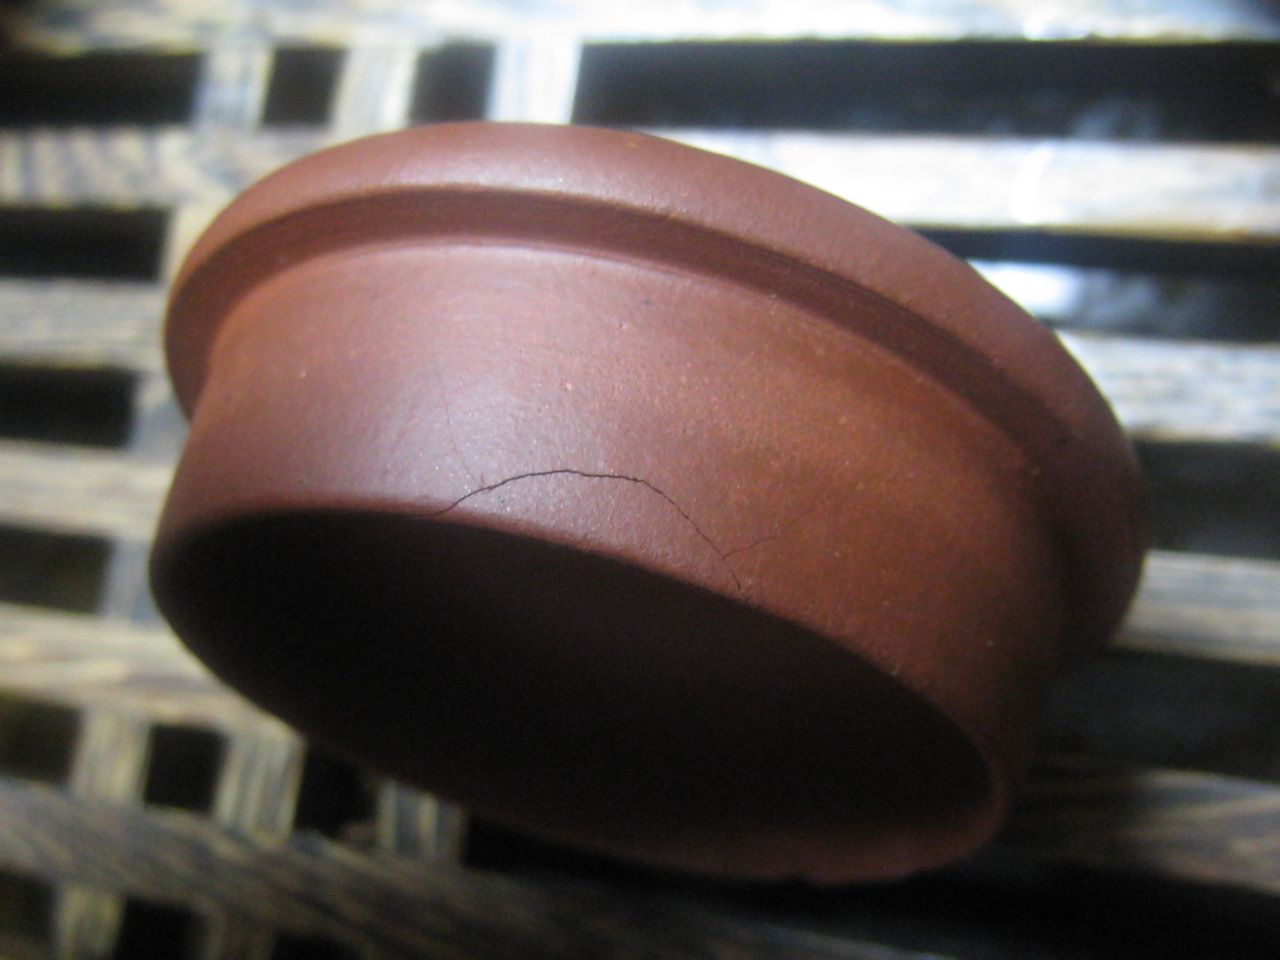 小石瓢非常称心,放在茶盘经常把玩结果被女儿看到,过来鉴赏-高清图片